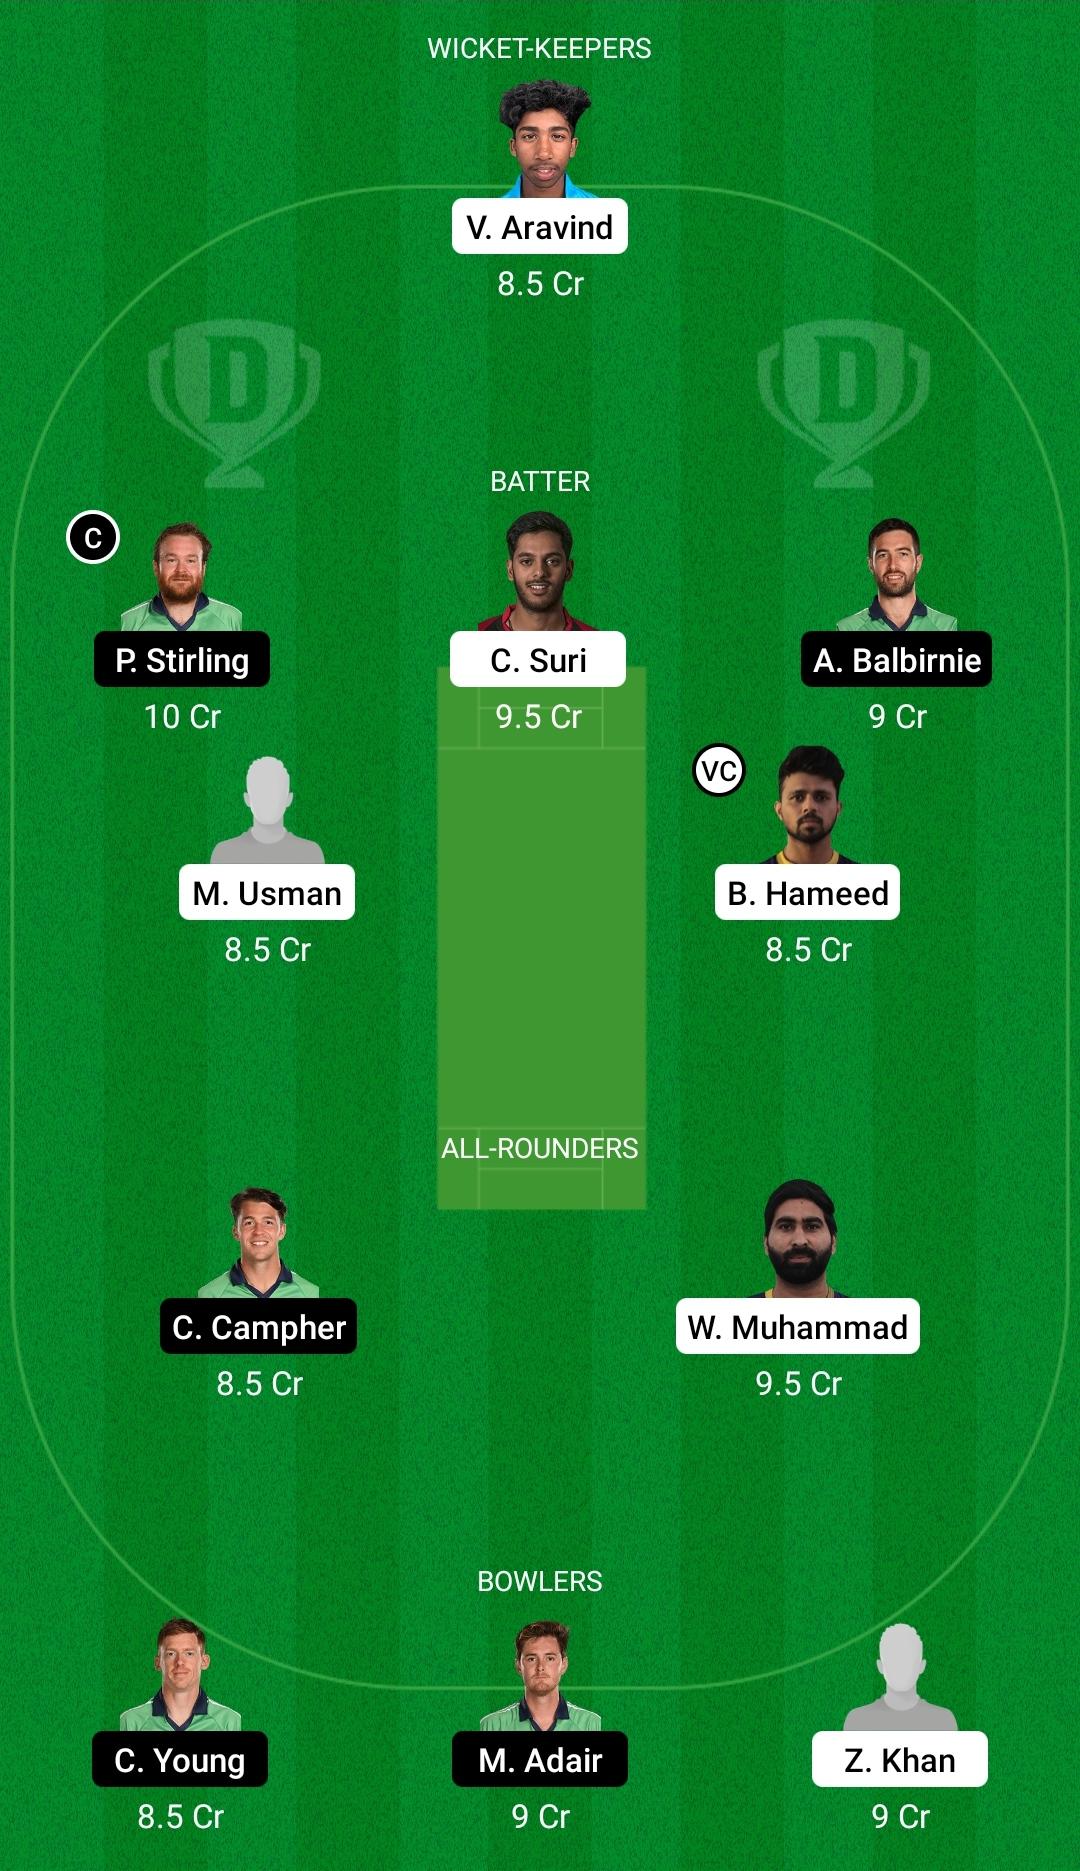 यूएई बनाम आईआरई ड्रीम11 भविष्यवाणी काल्पनिक क्रिकेट टिप्स ड्रीम11 टीम यूएई समर टी20 बाश